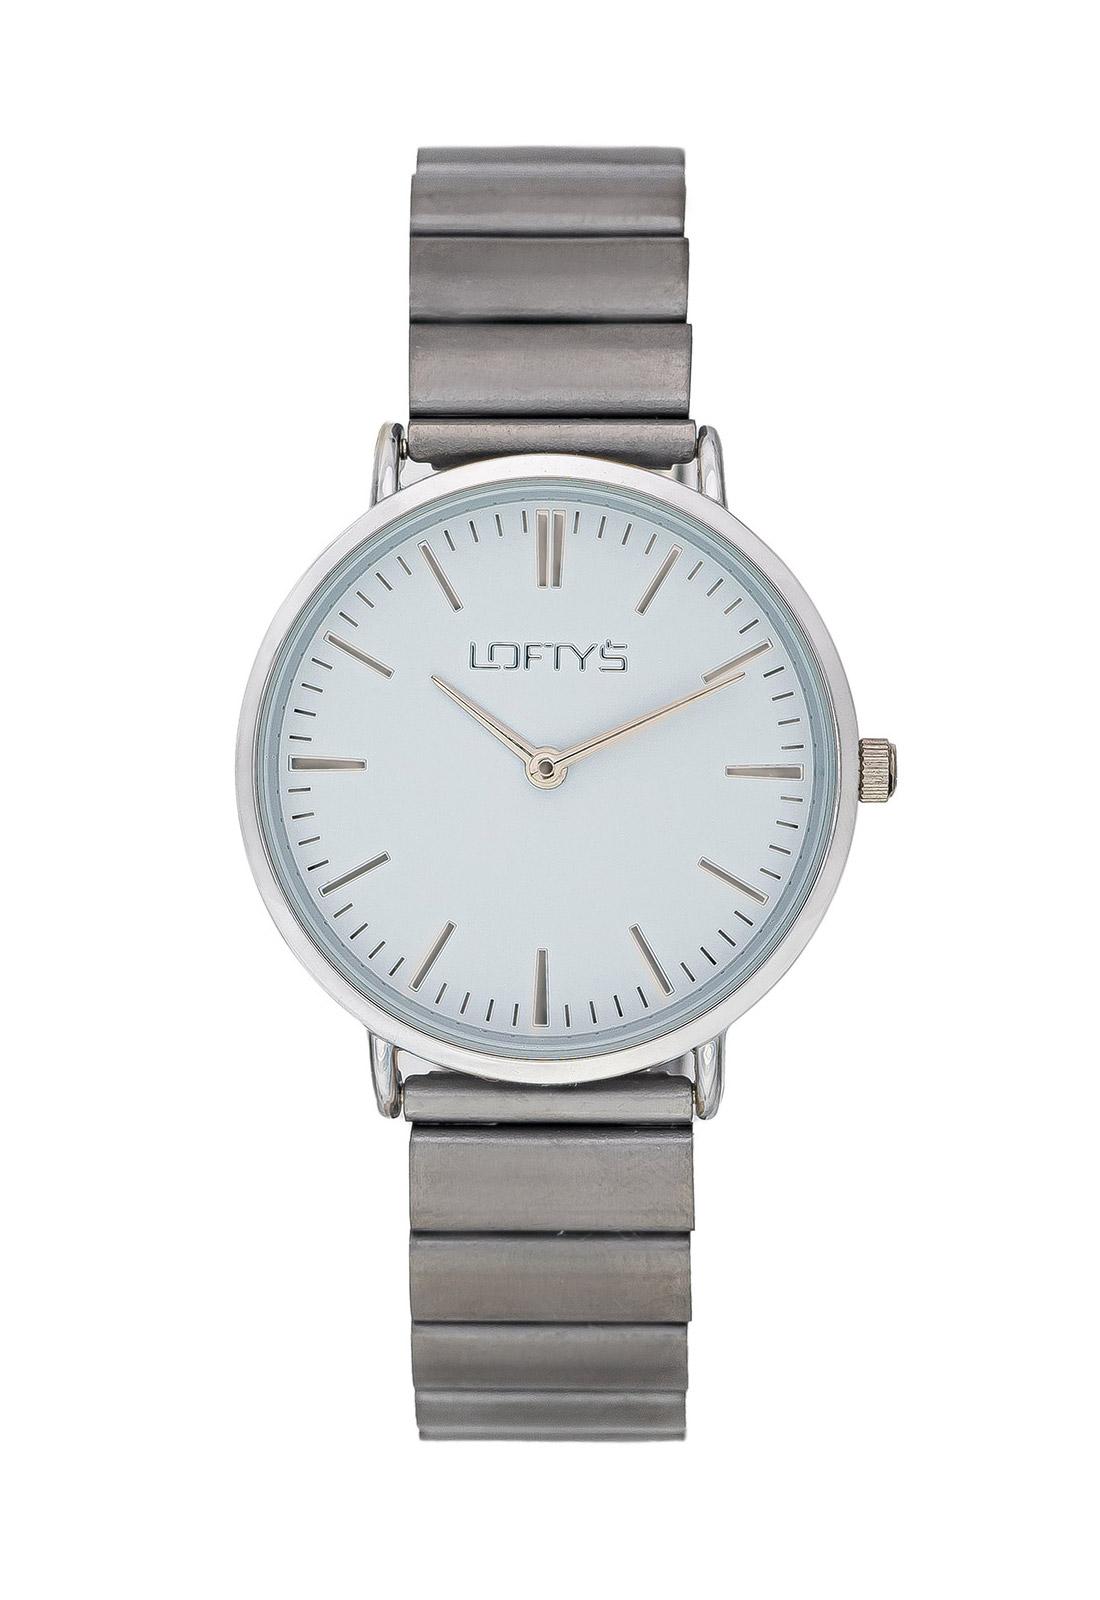 Ρολόι Loftys Corona Γκρι Μπρασελέ Λευκό Καντράν Y2016-11